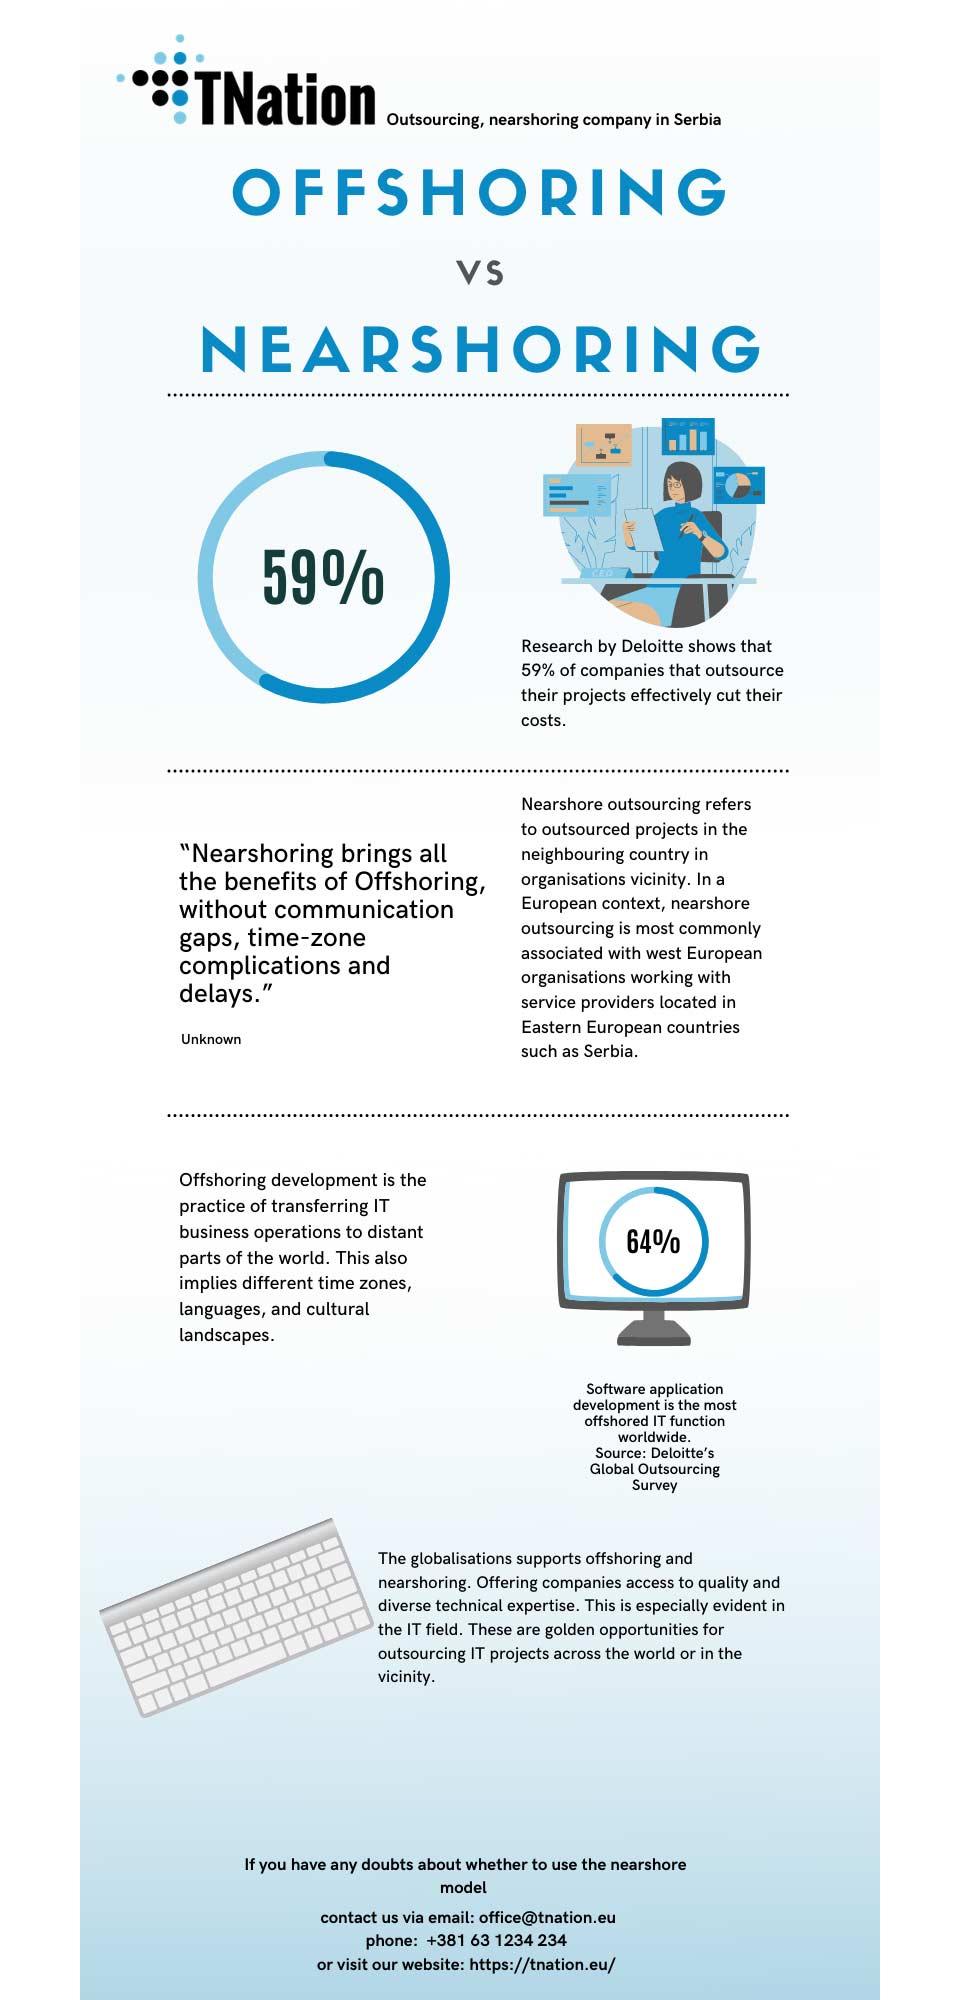 TNation-offshoring-vs-nearshoring-infographic